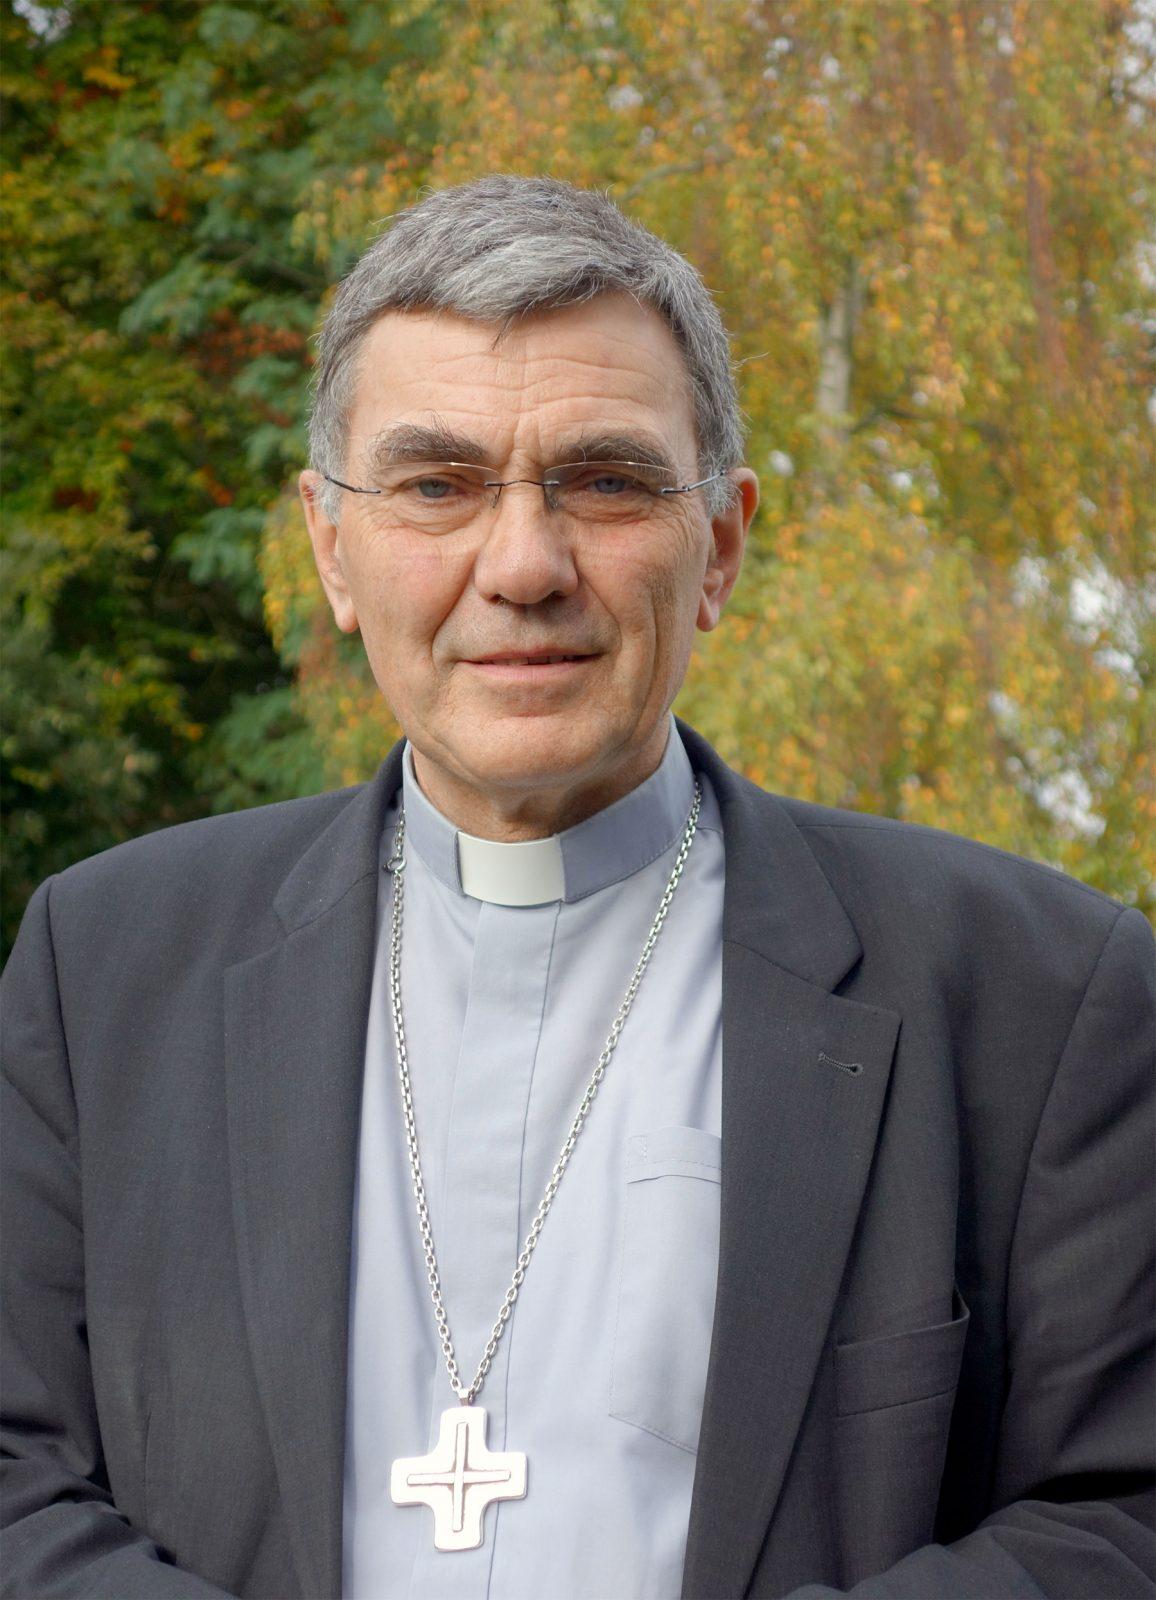 Photo de Mgr Denis Moute, évêque de Saint-Brieuc et Tréguier